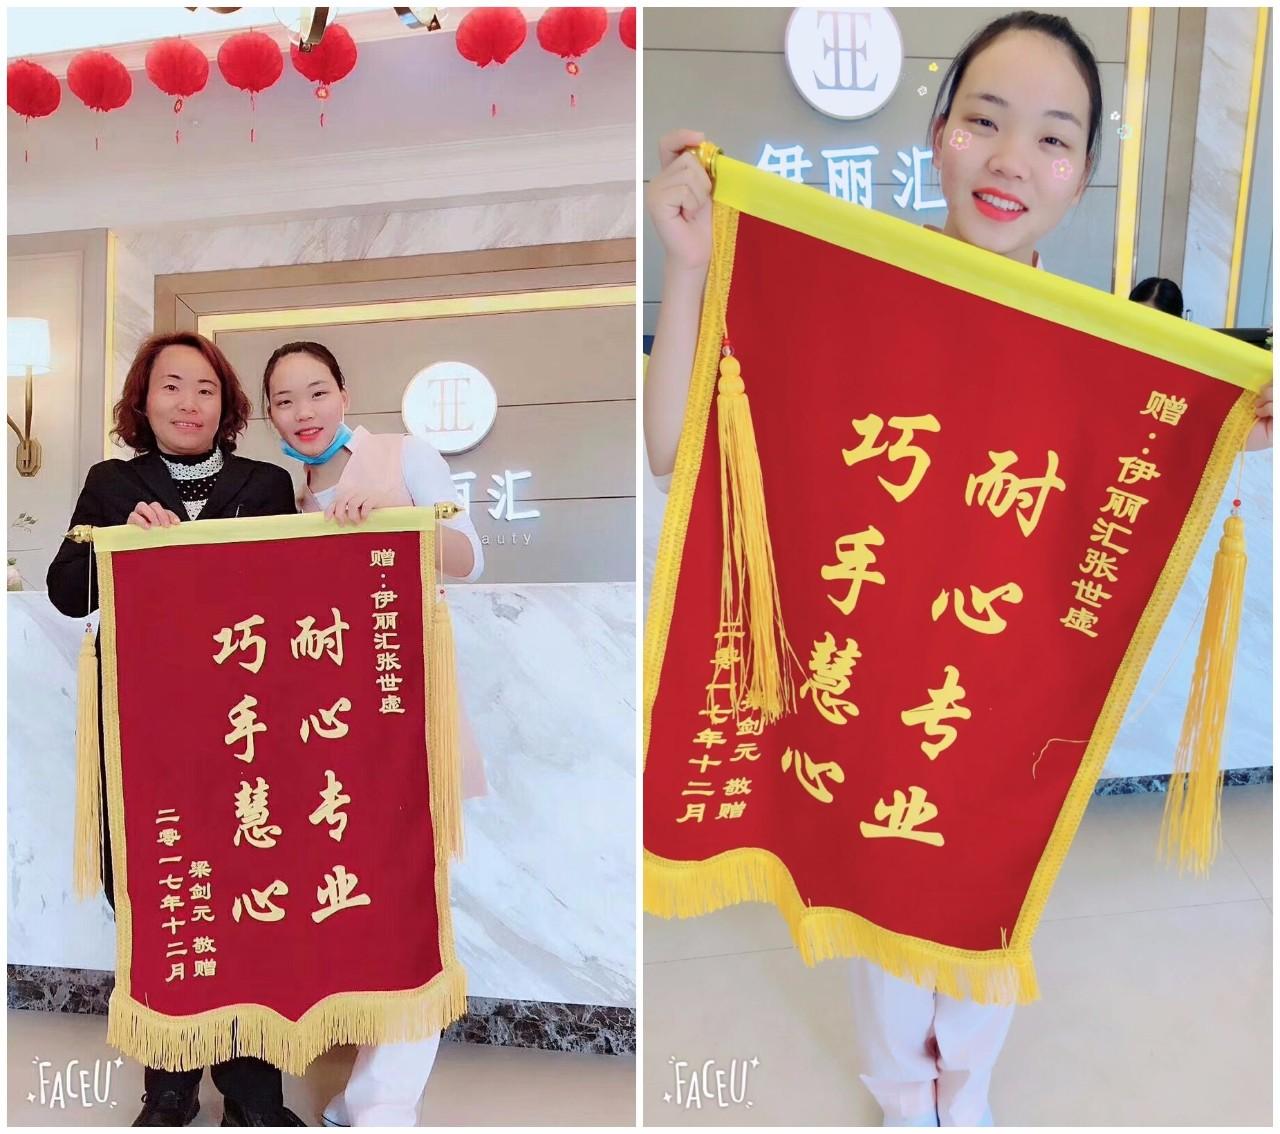 她为什么仅工作3个月就收到了顾客赠送的锦旗!伊丽汇美容师